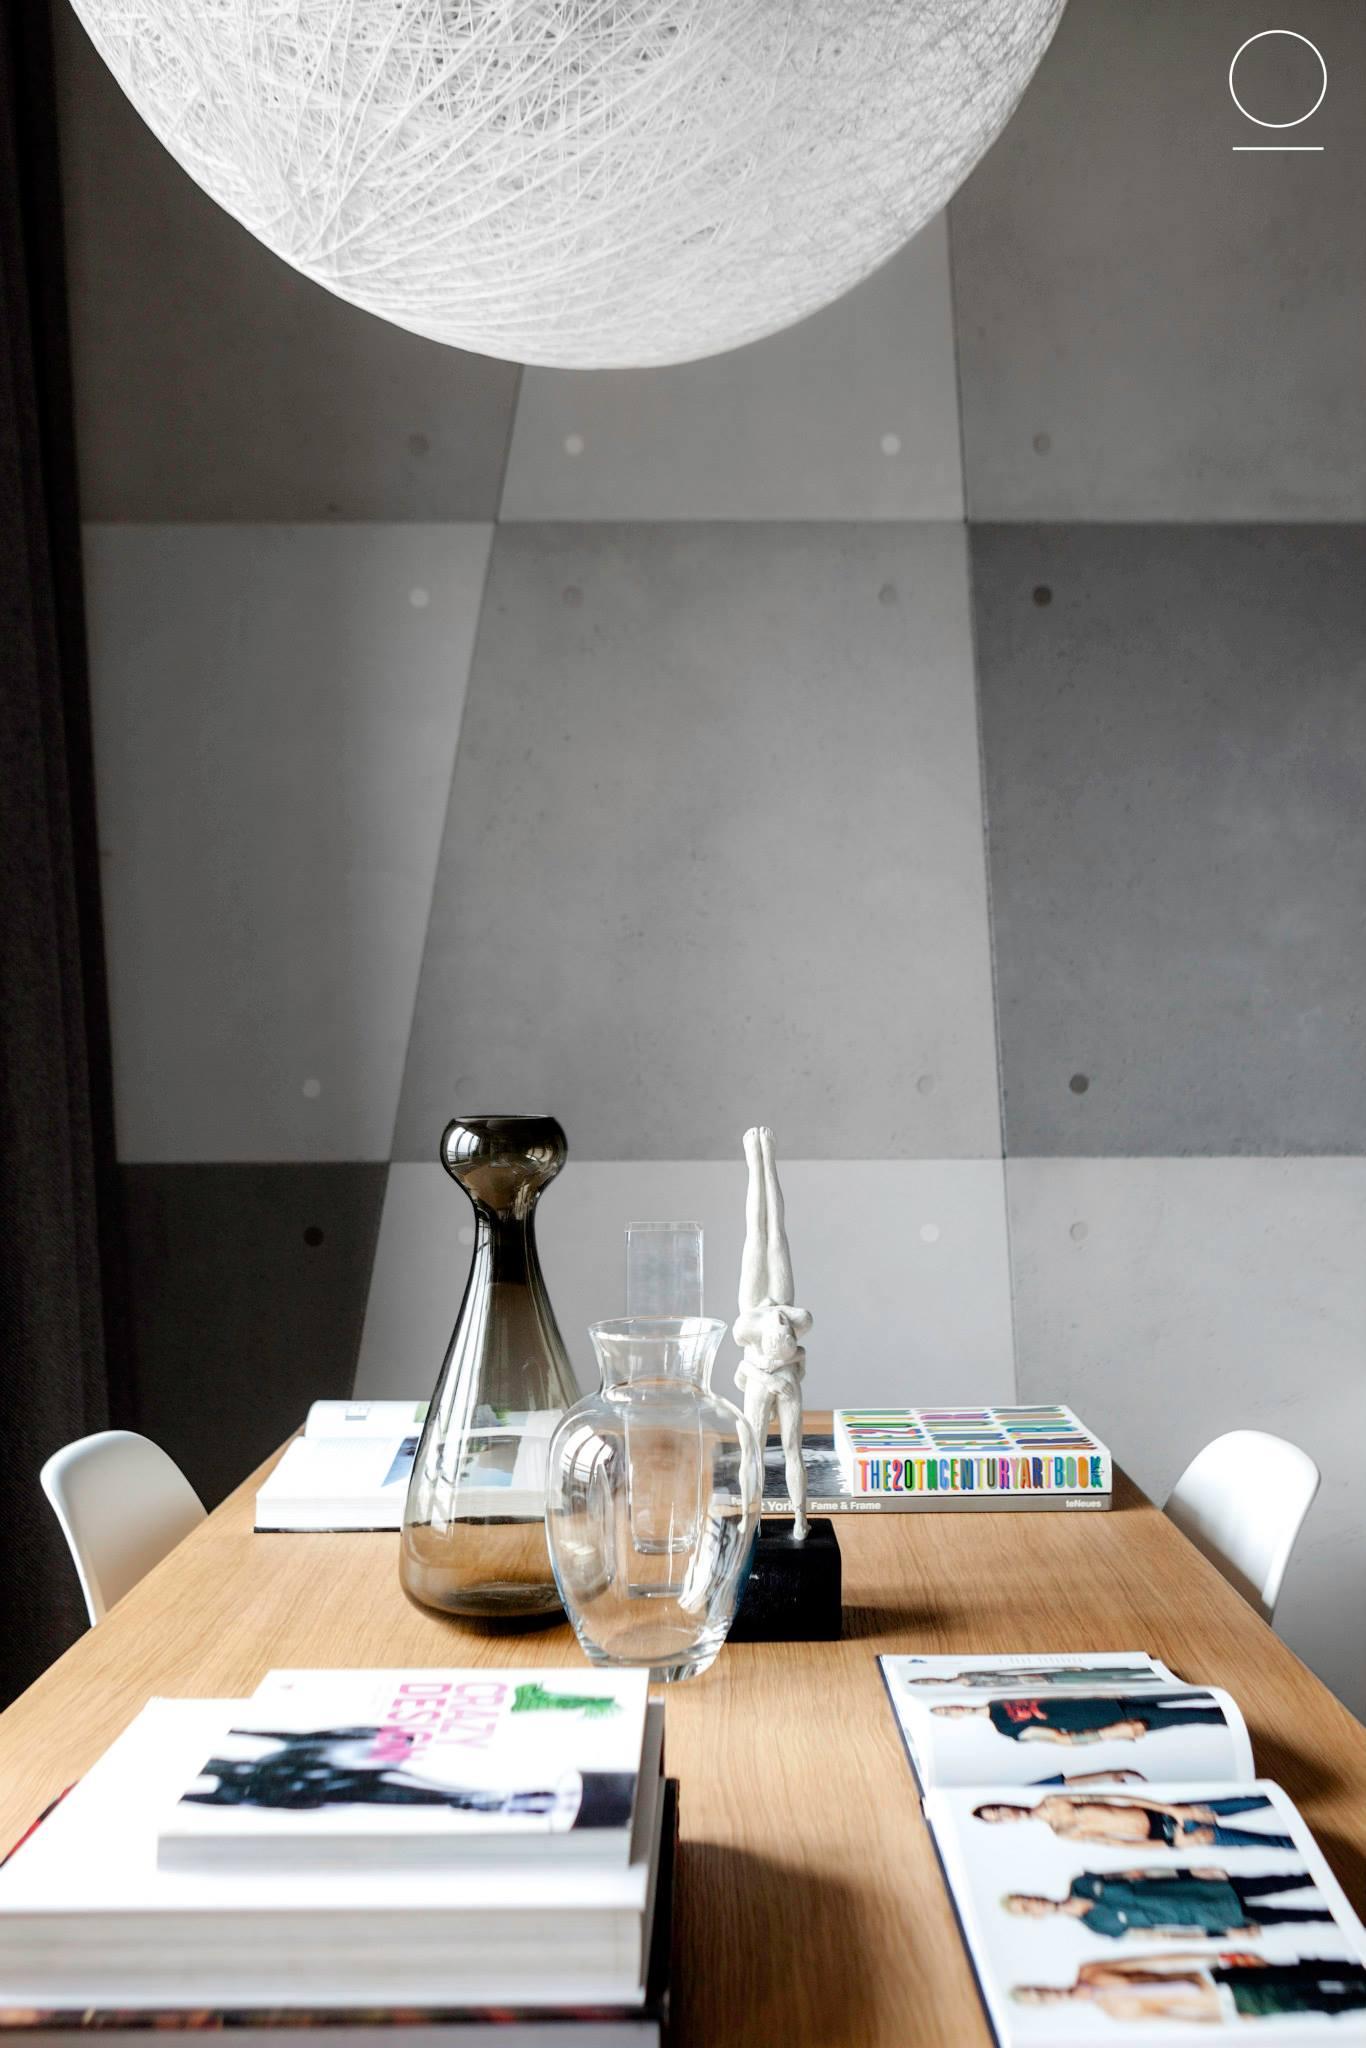 oikoi modern apartment8 Pokorna Apartments by Oikoi Studio